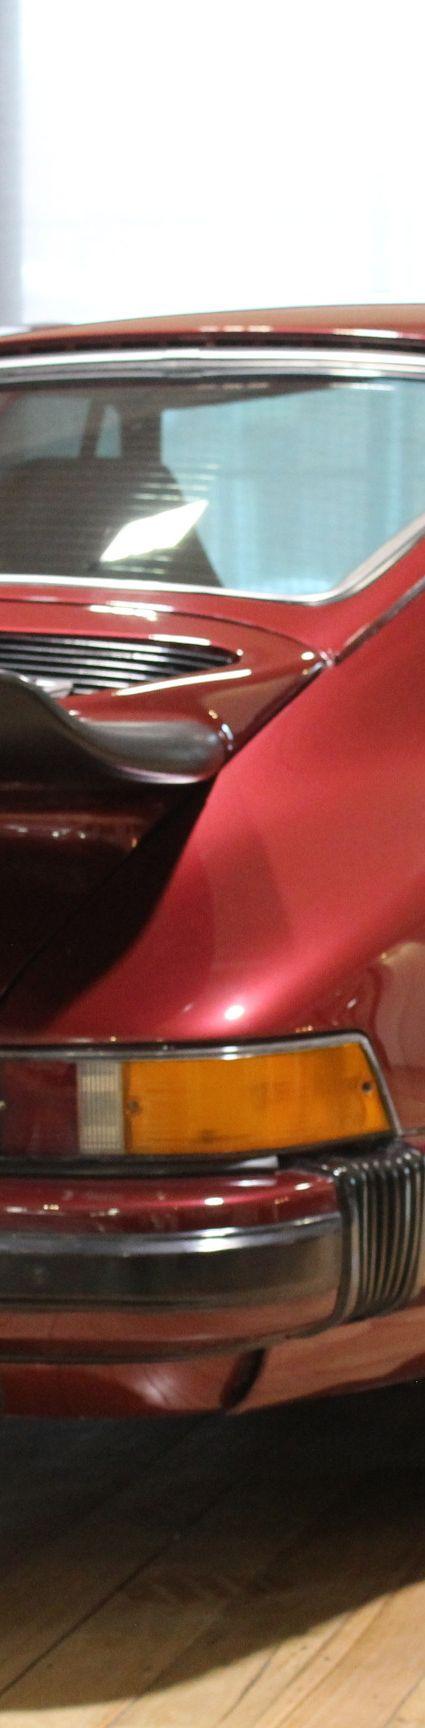 """1974 Porsche 911 """"G"""" Carrera 2.7 - for sale in Australia"""